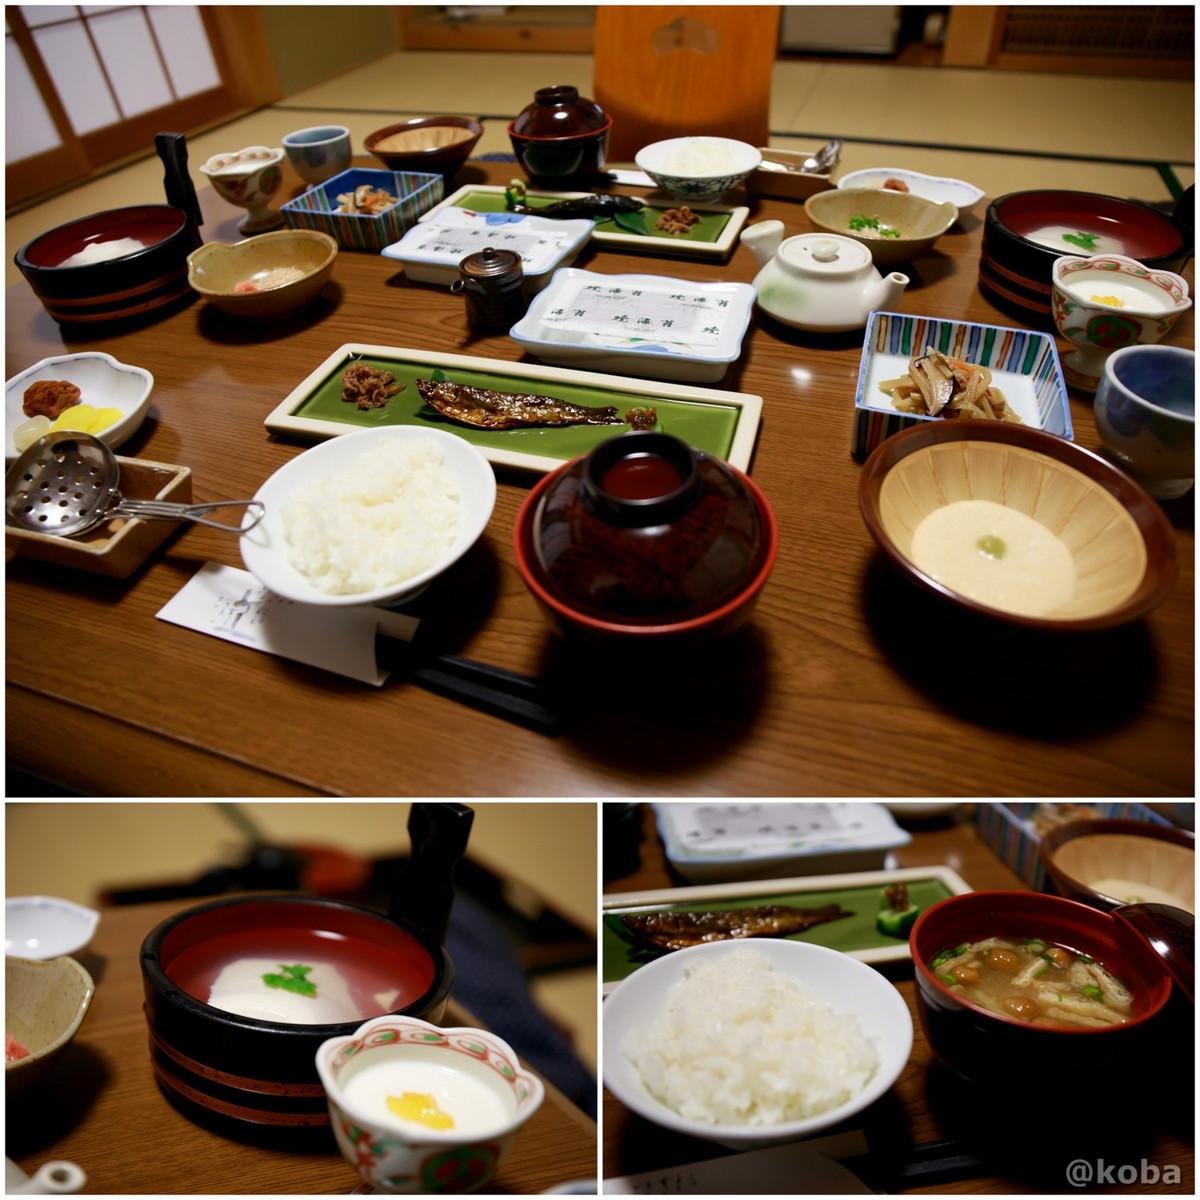 朝食(朝ごはんは、部屋で食べます)│柴原温泉 かやの家(しばはらおんせん かやのや)│日本秘湯を守る会会員の宿│埼玉県秩父郡│こばフォトブログ@koba